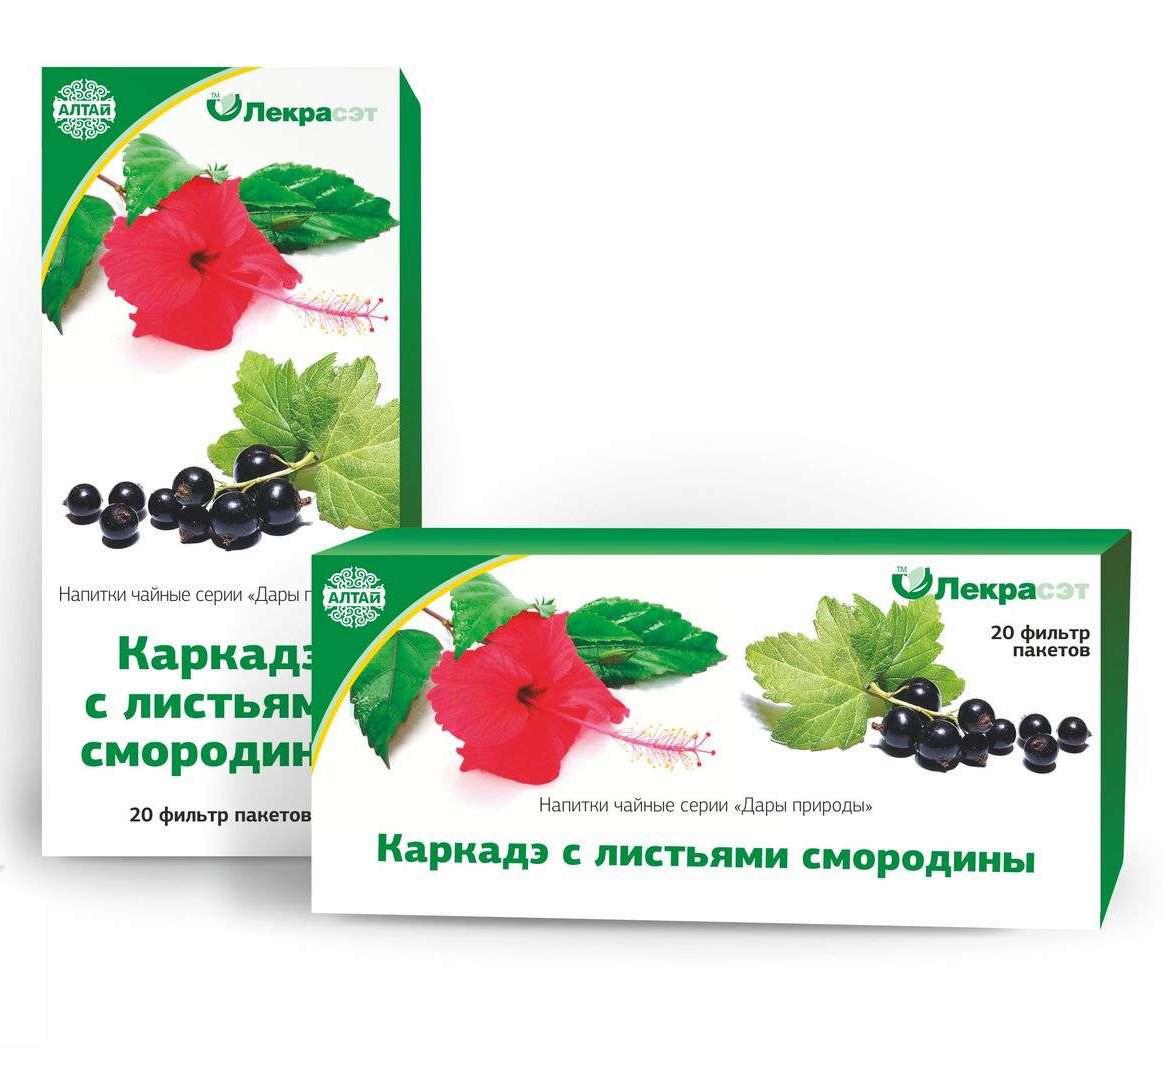 Каркадэ с листьями смородины фильтр-пакеты 20шт*1,5 гр.